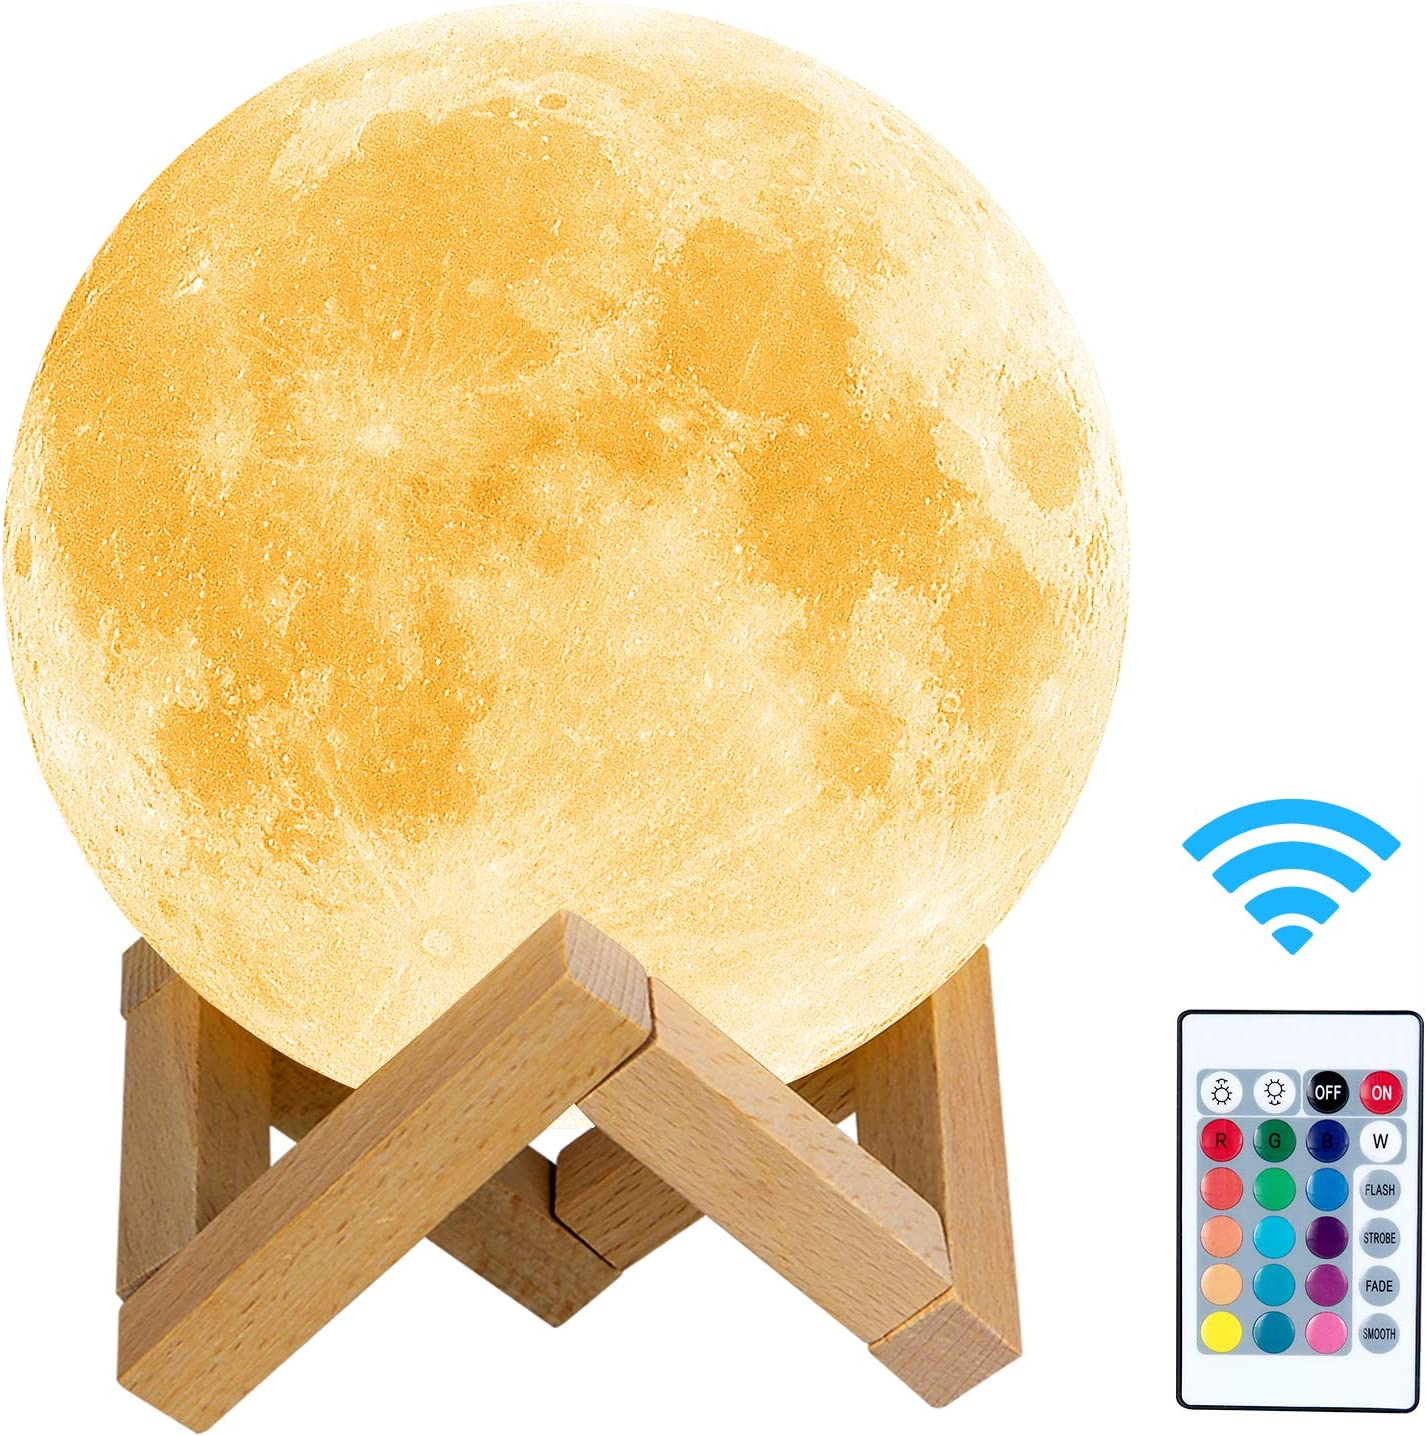 Lámpara de Luna 3D HOKEKI Luz Nocturna Luna Grande 16 Colores 5 ajuste del brillo Intensidad a Elegir Luz de Noche Cualquier Festival mejor regalos Kid dormitorio luces de la decoración